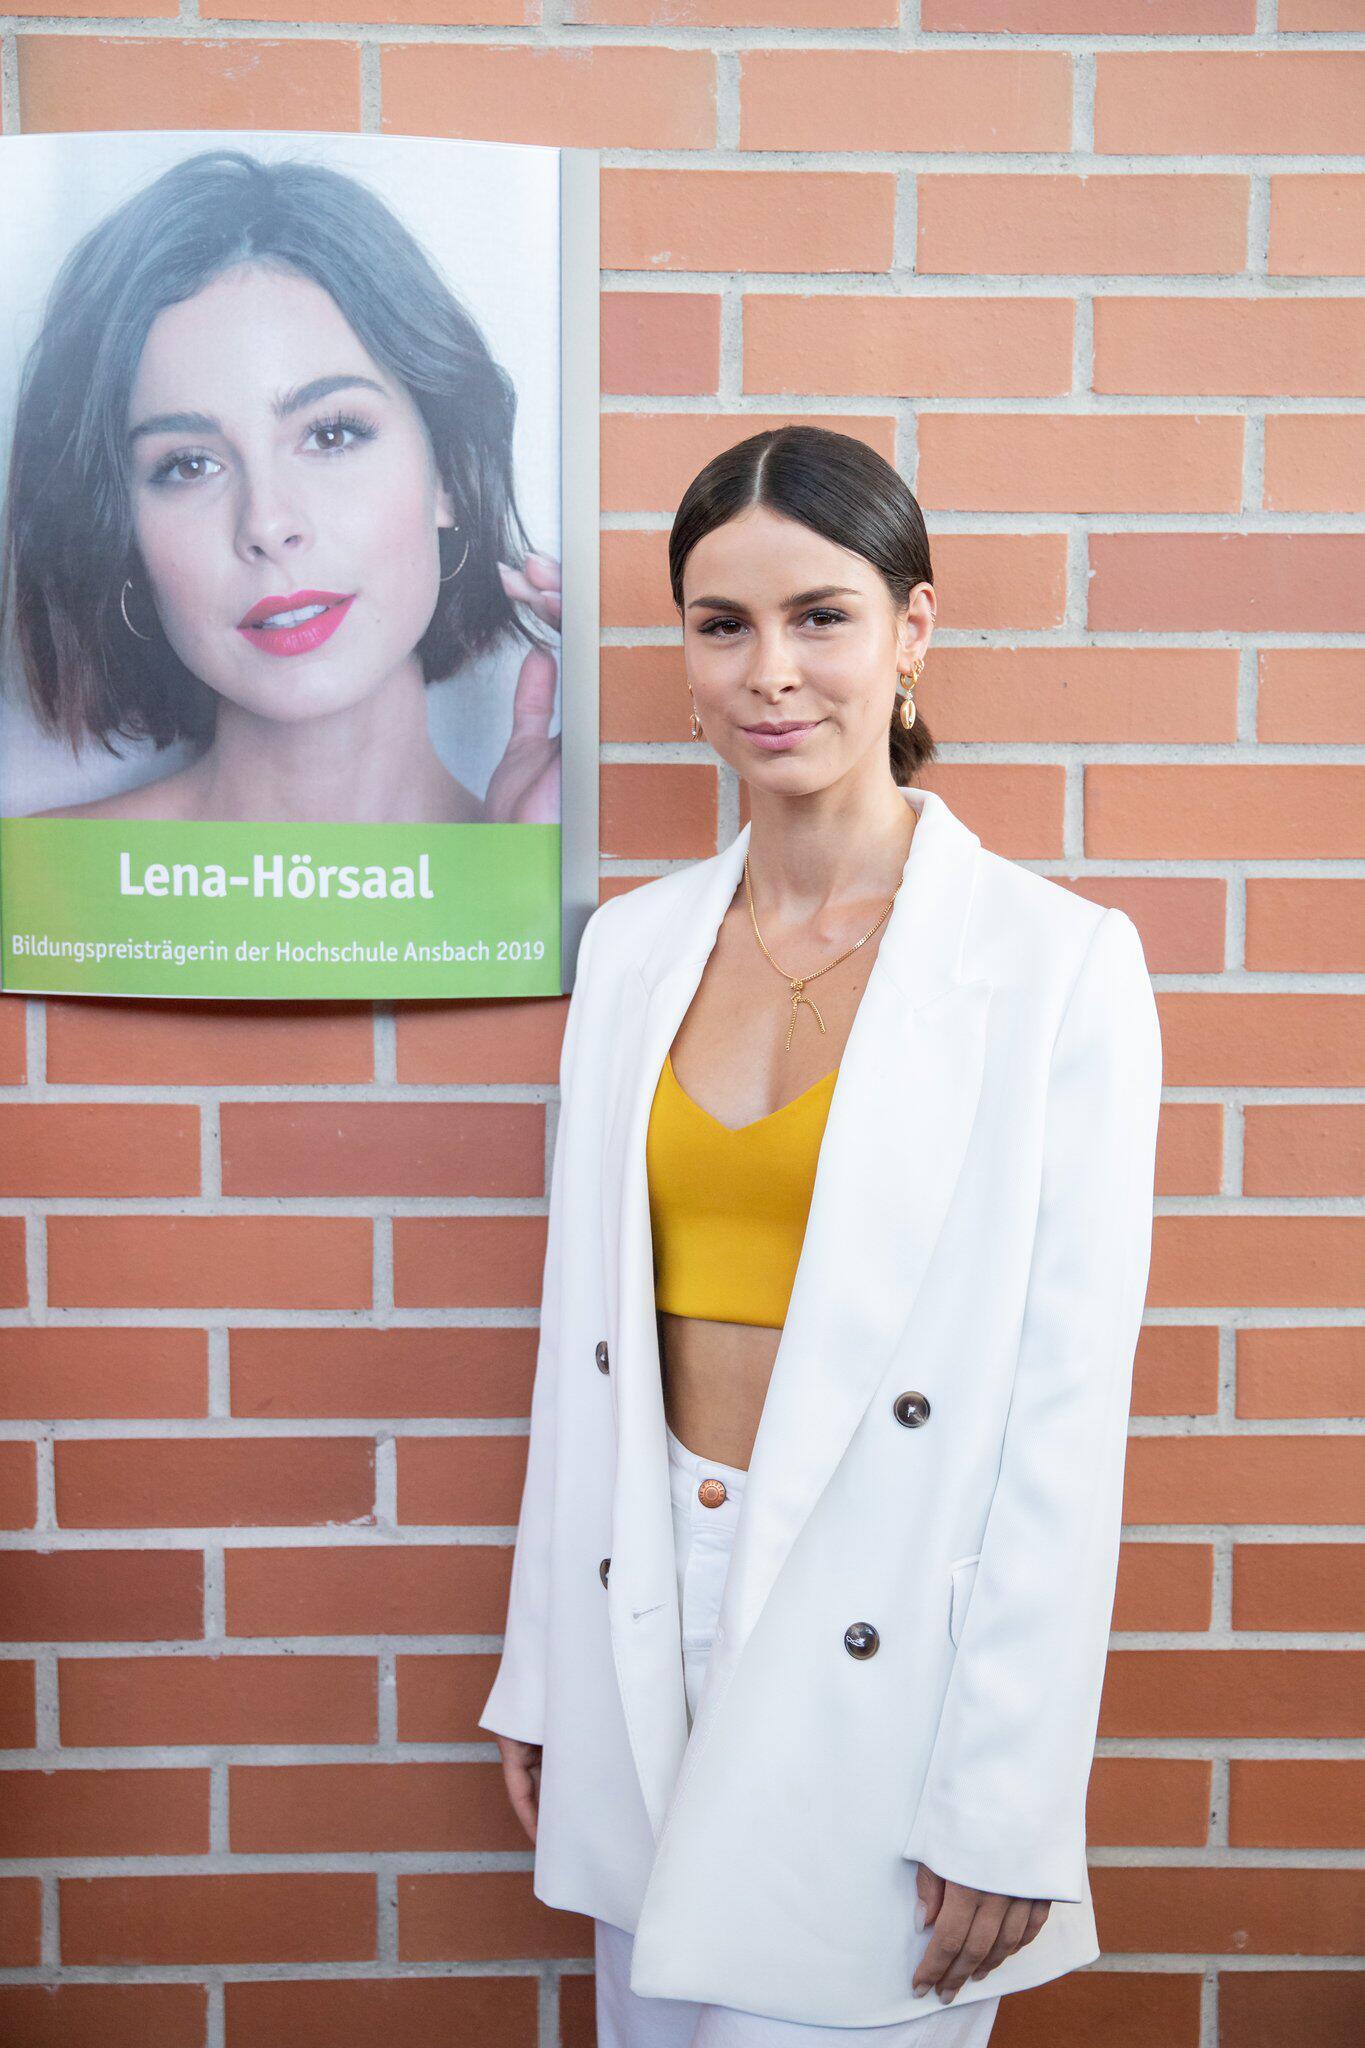 Bild zu Bildungspreis der Hochschule Ansbach, Lena Meyer-Landrut